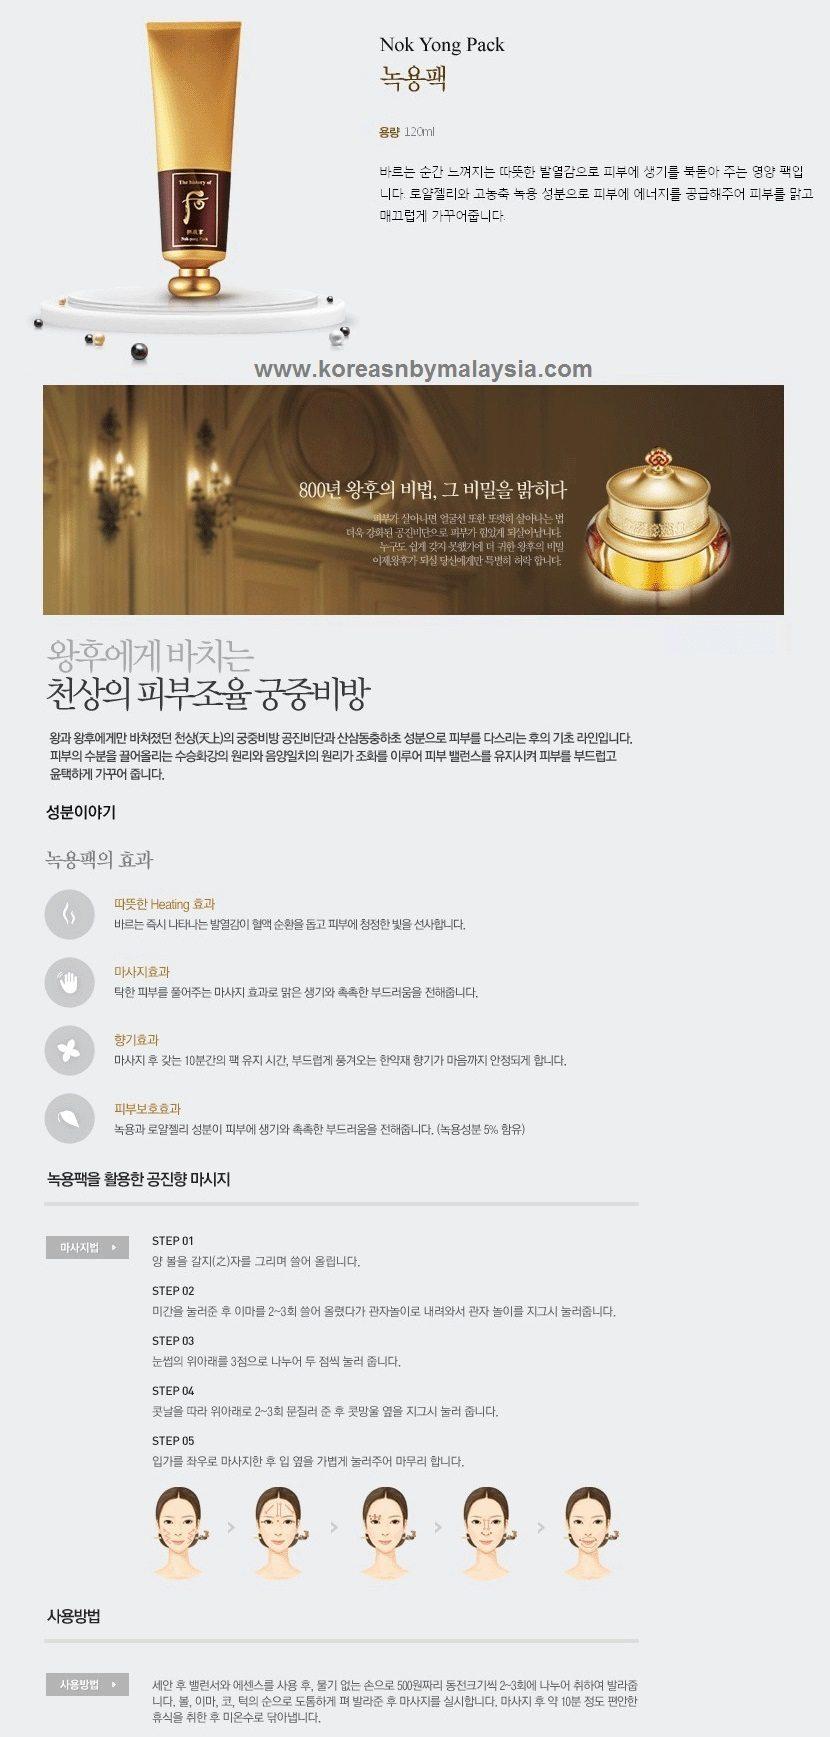 The History of Whoo Gongjinhyang Nok Yong Pack 120ml